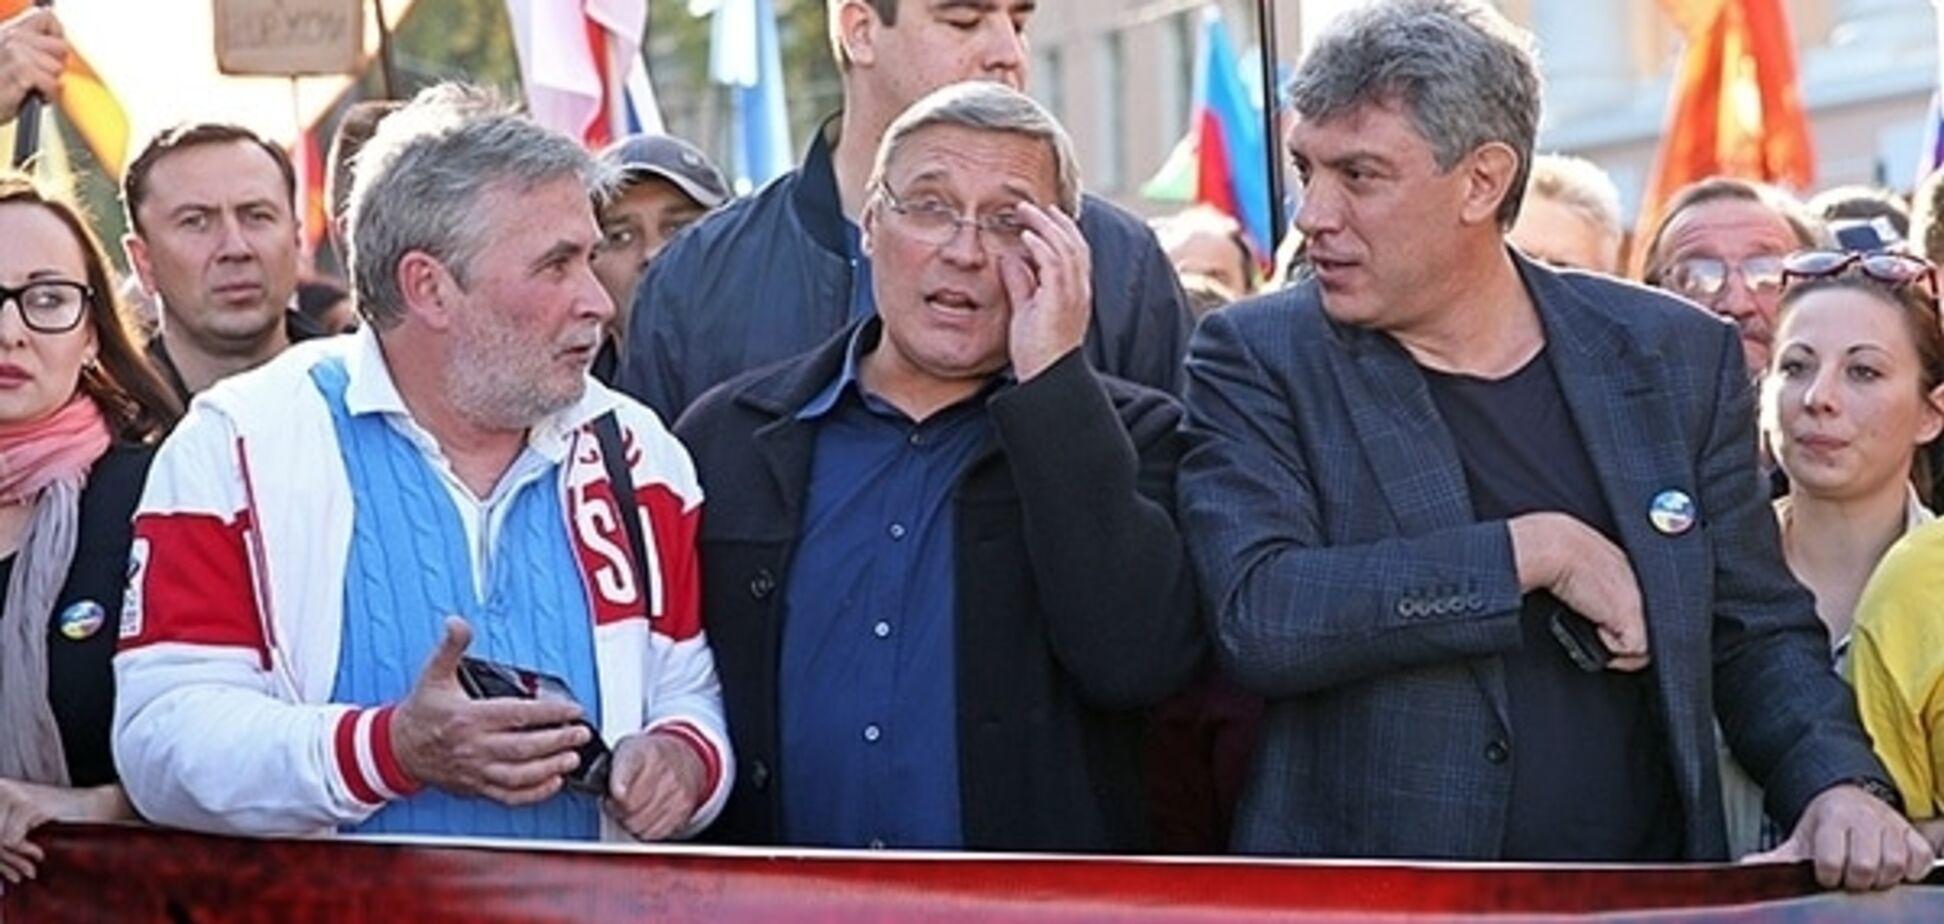 Никто не хочет получить пулю, как Немцов: российский поэт собрался в Украину